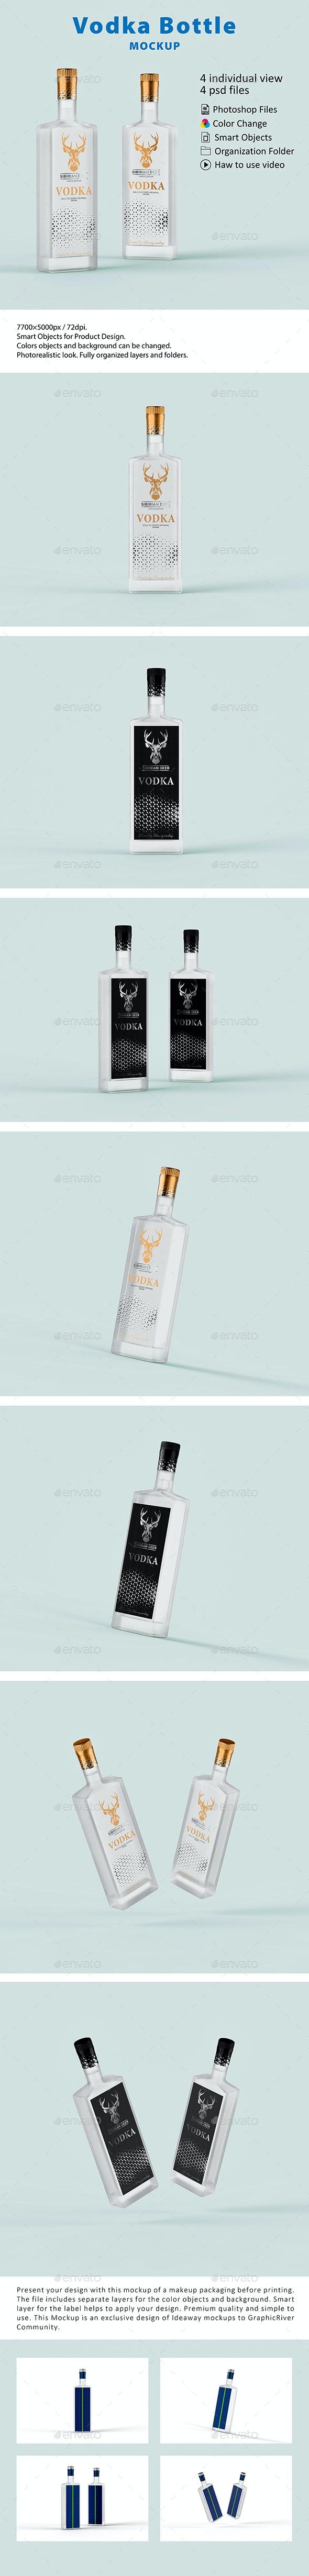 Vodka Bottle Mockup - Food and Drink Packaging